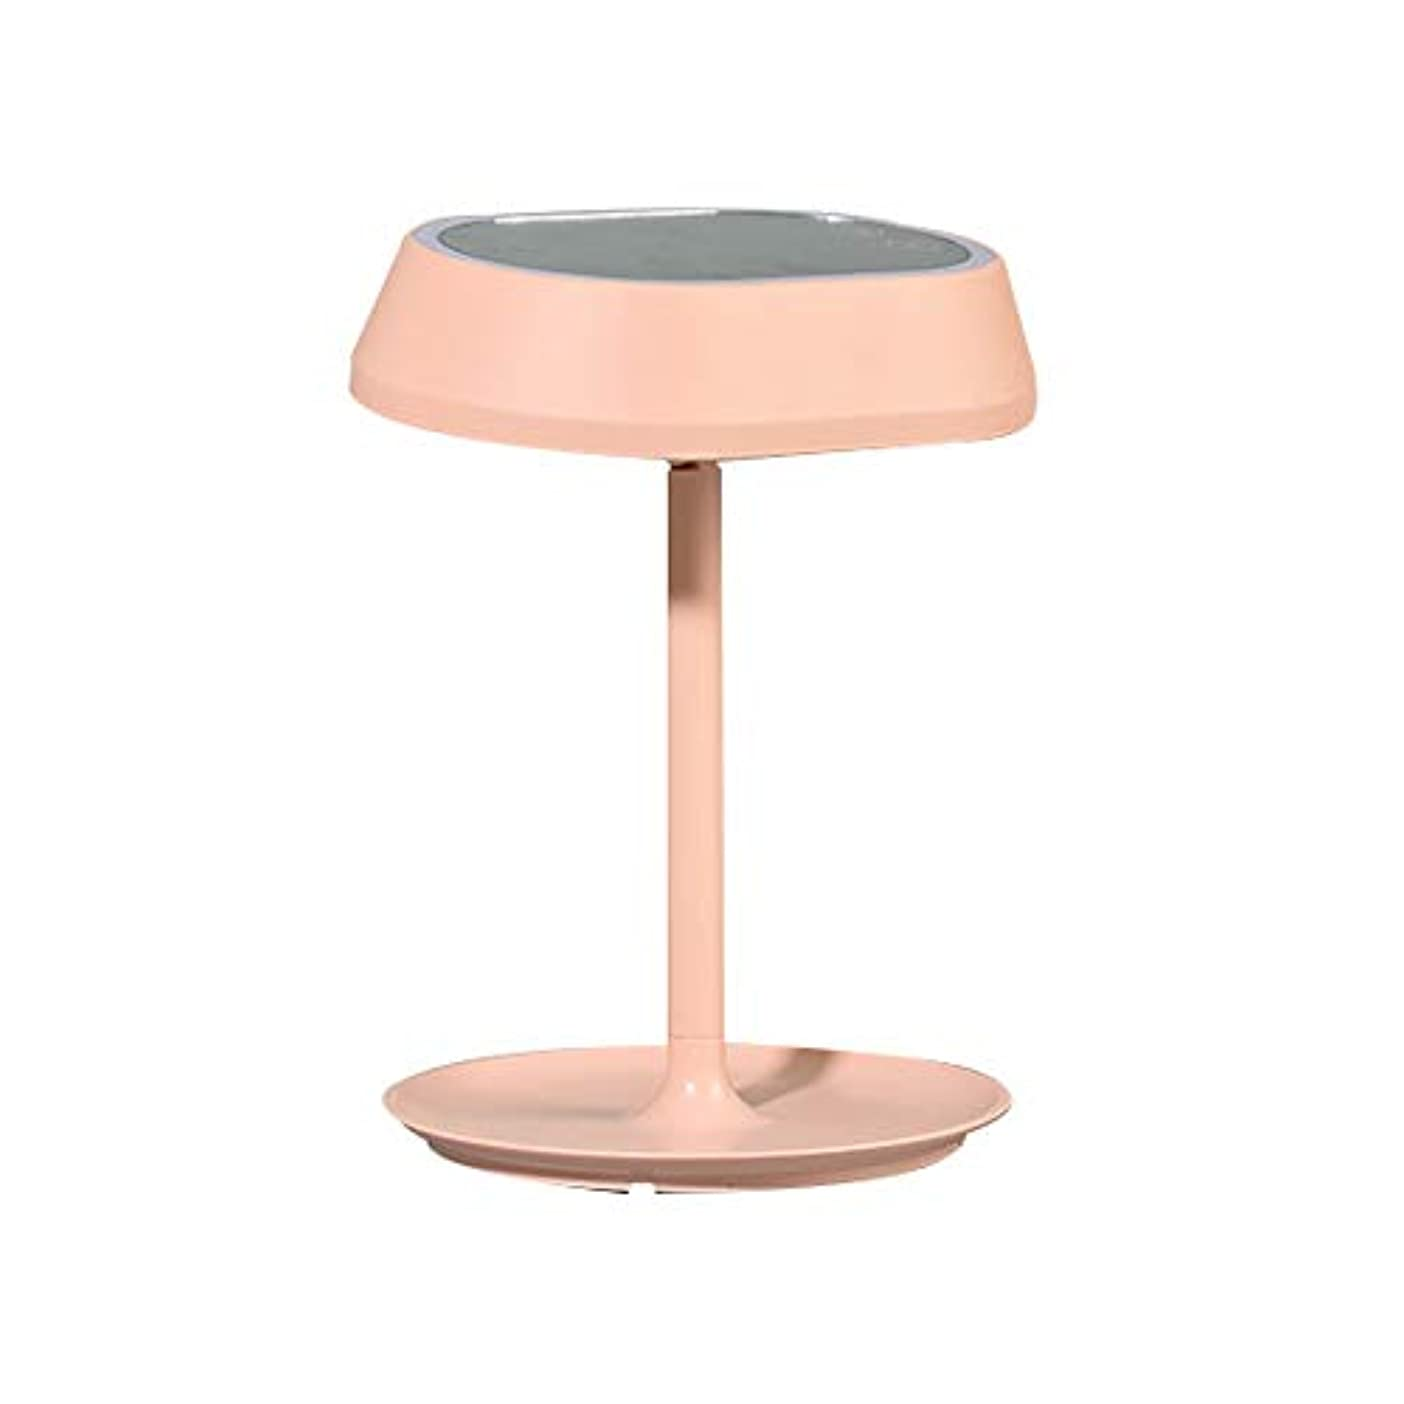 避難する茎アート流行の 新しい卓上スタンドは塗りつぶしの軽い化粧鏡のデスクトップの化粧台ミラーを導きました